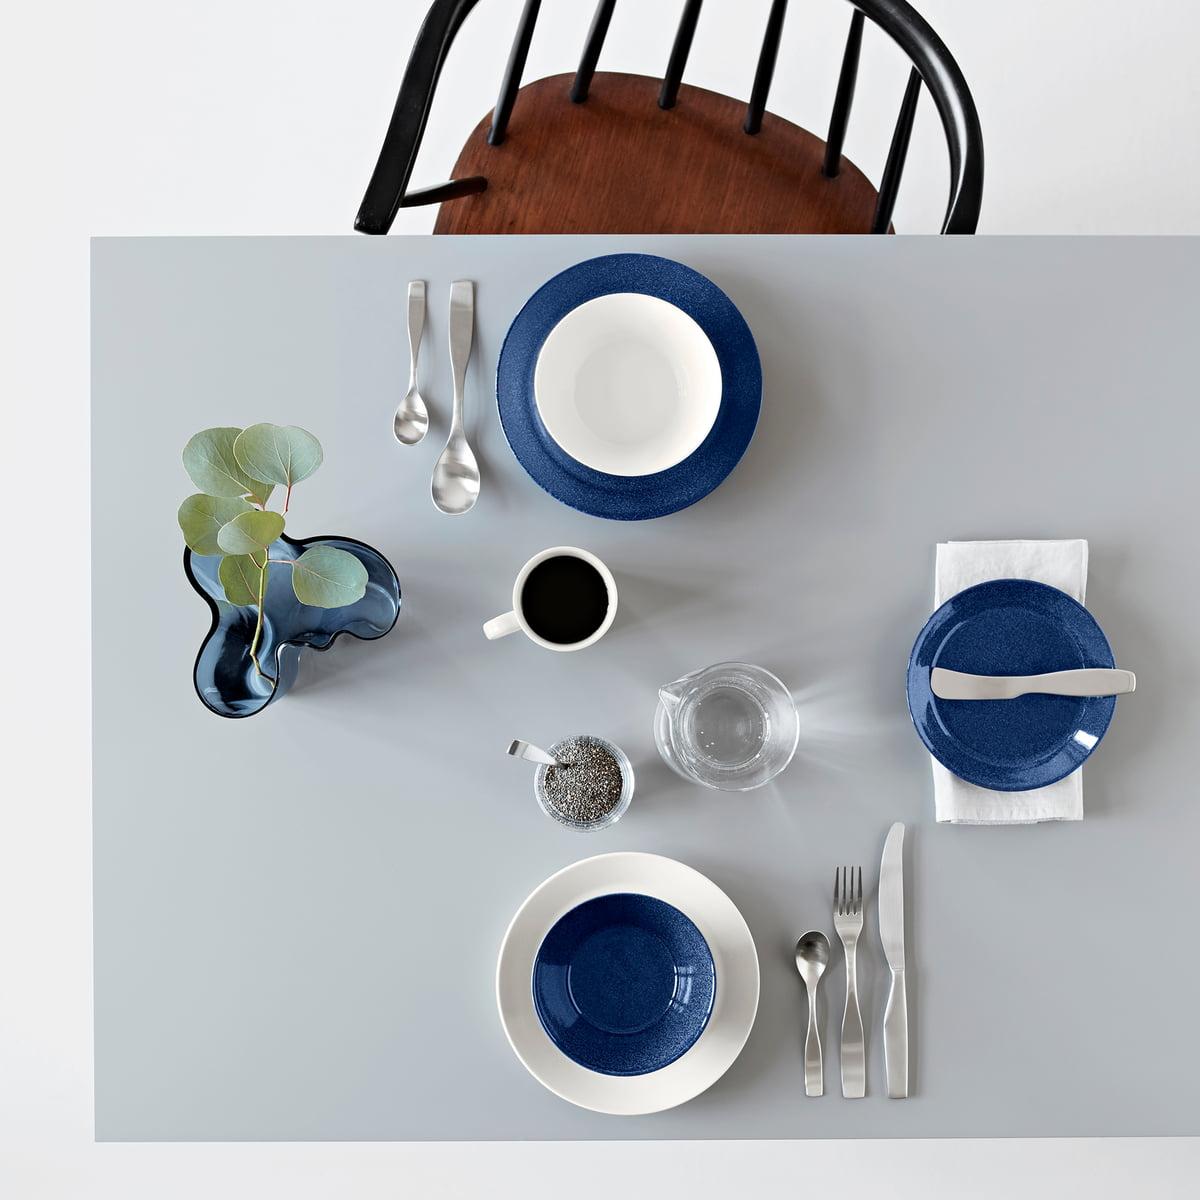 teema m rkebl meleret bordservice shop online. Black Bedroom Furniture Sets. Home Design Ideas